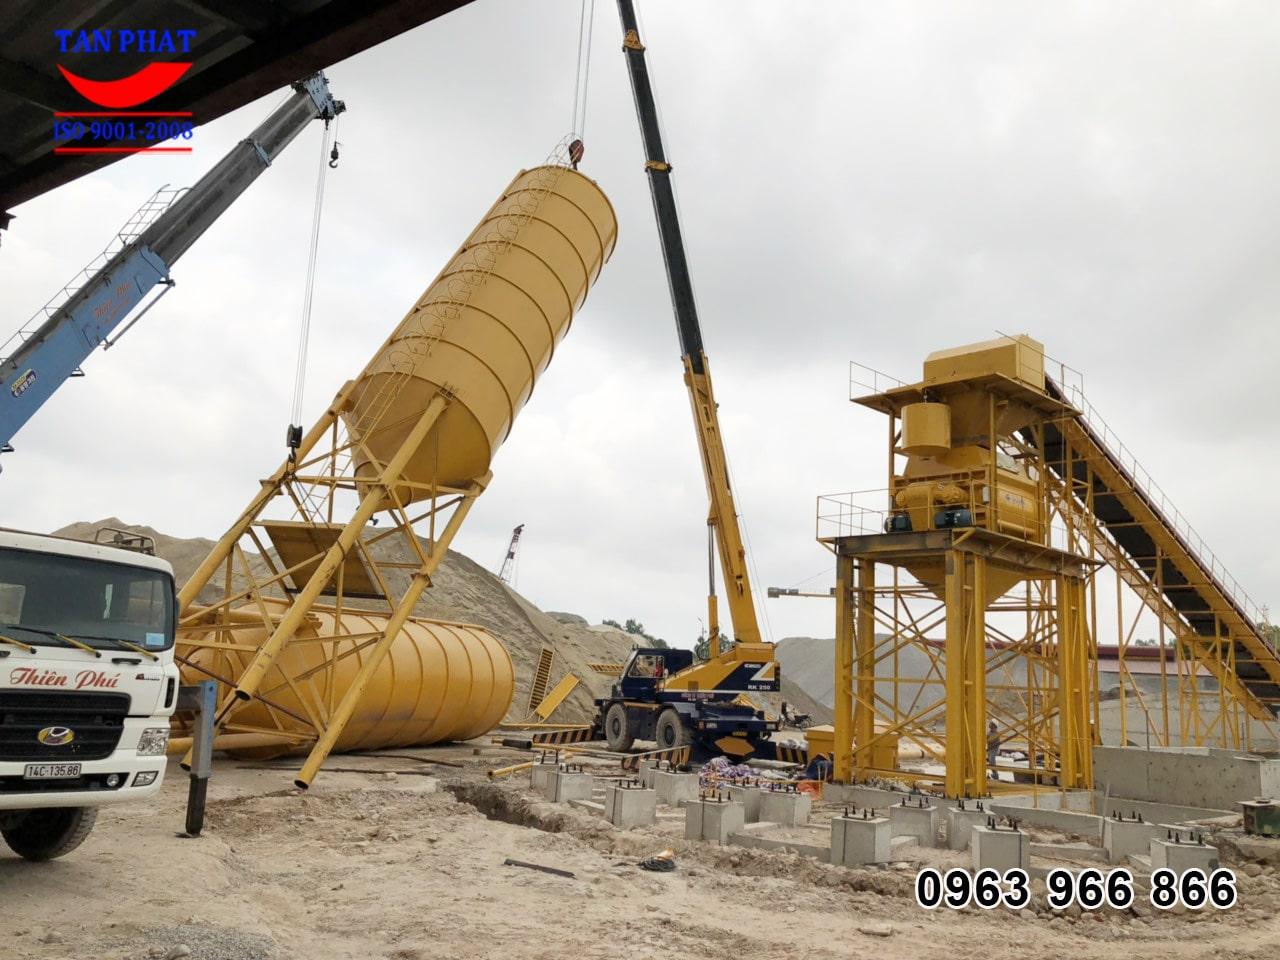 Lắp đặt trạm trộn bê tông 120m3/h